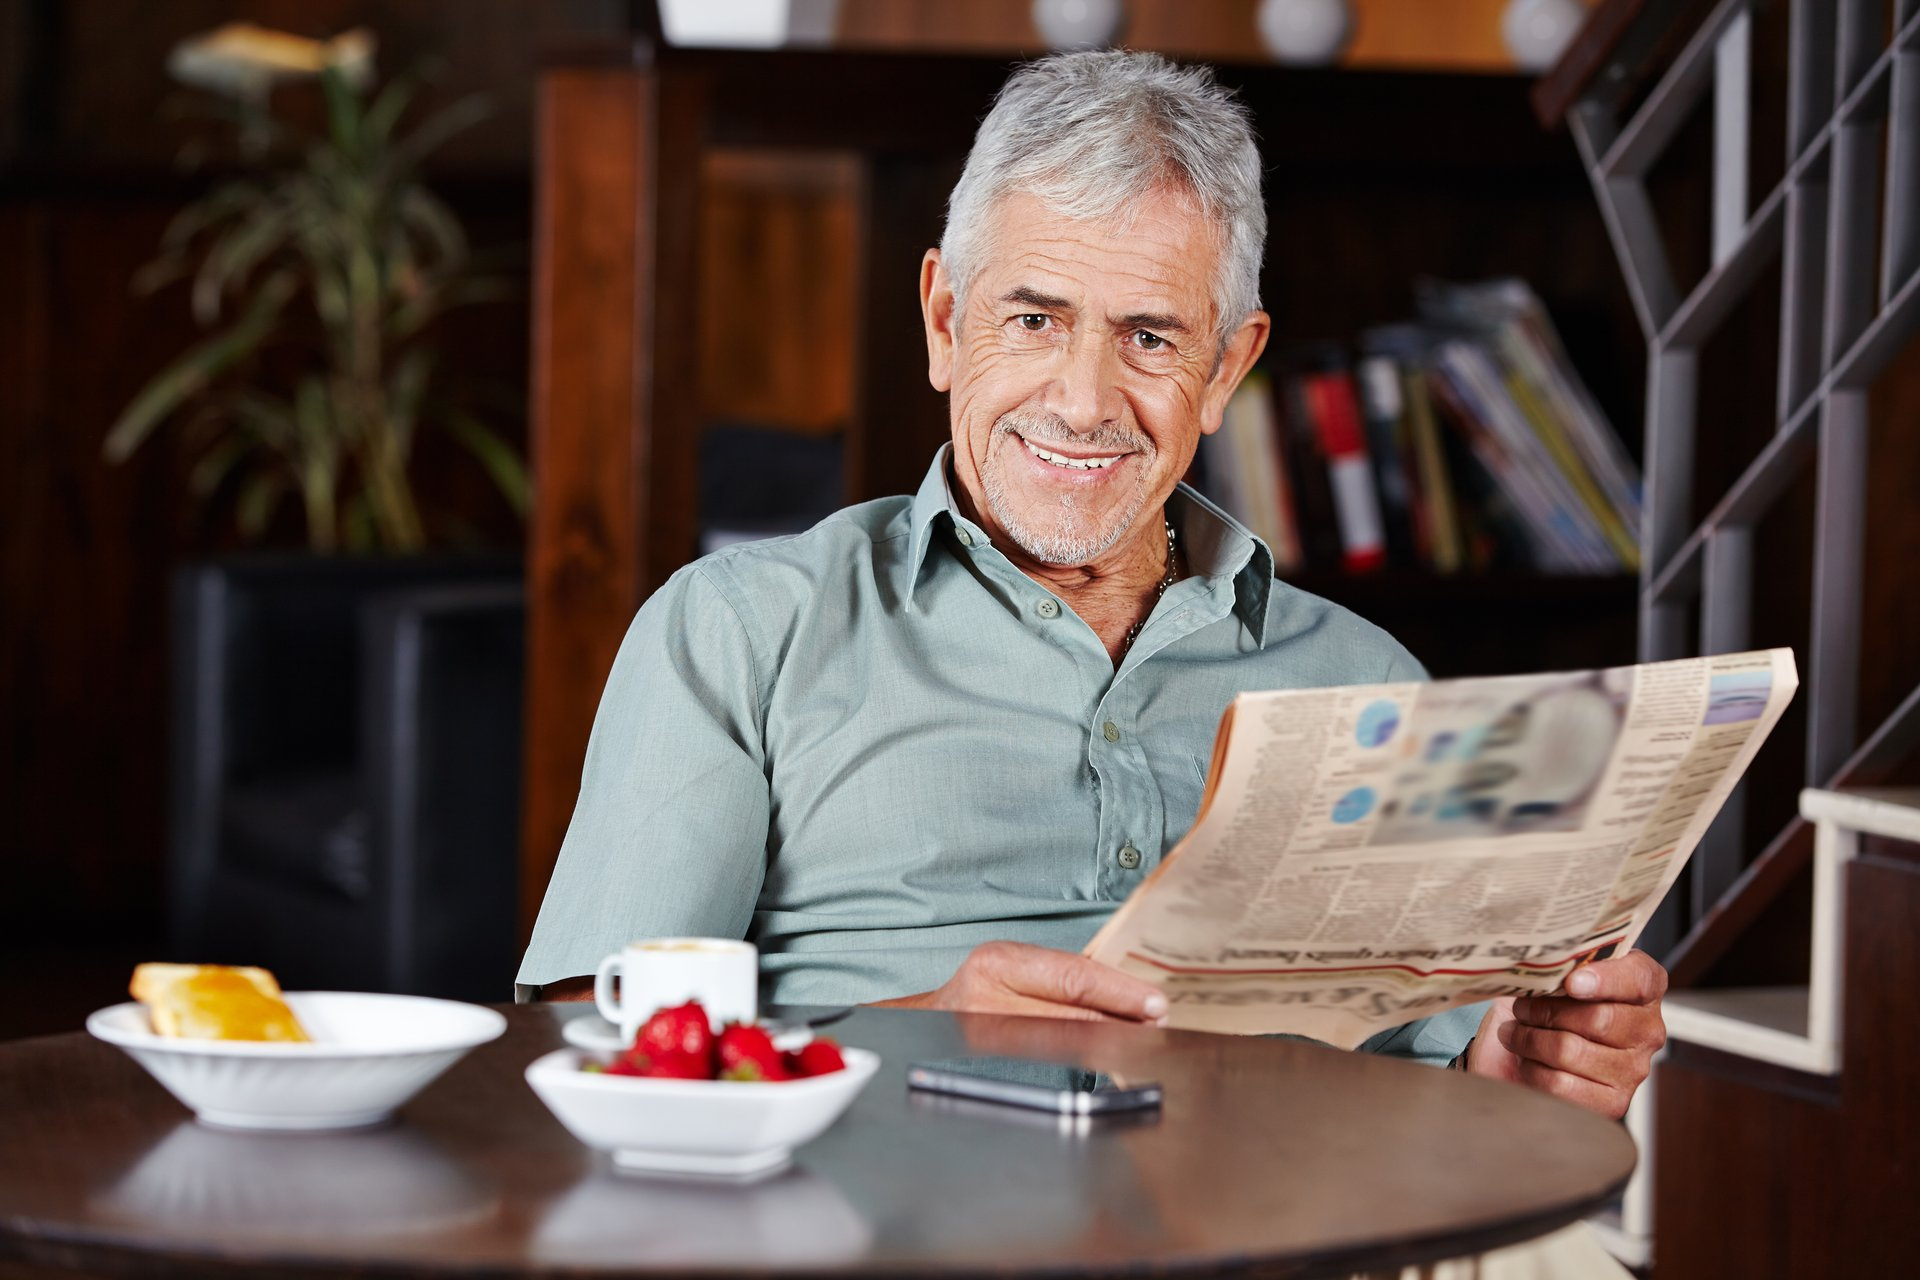 Happy retiree